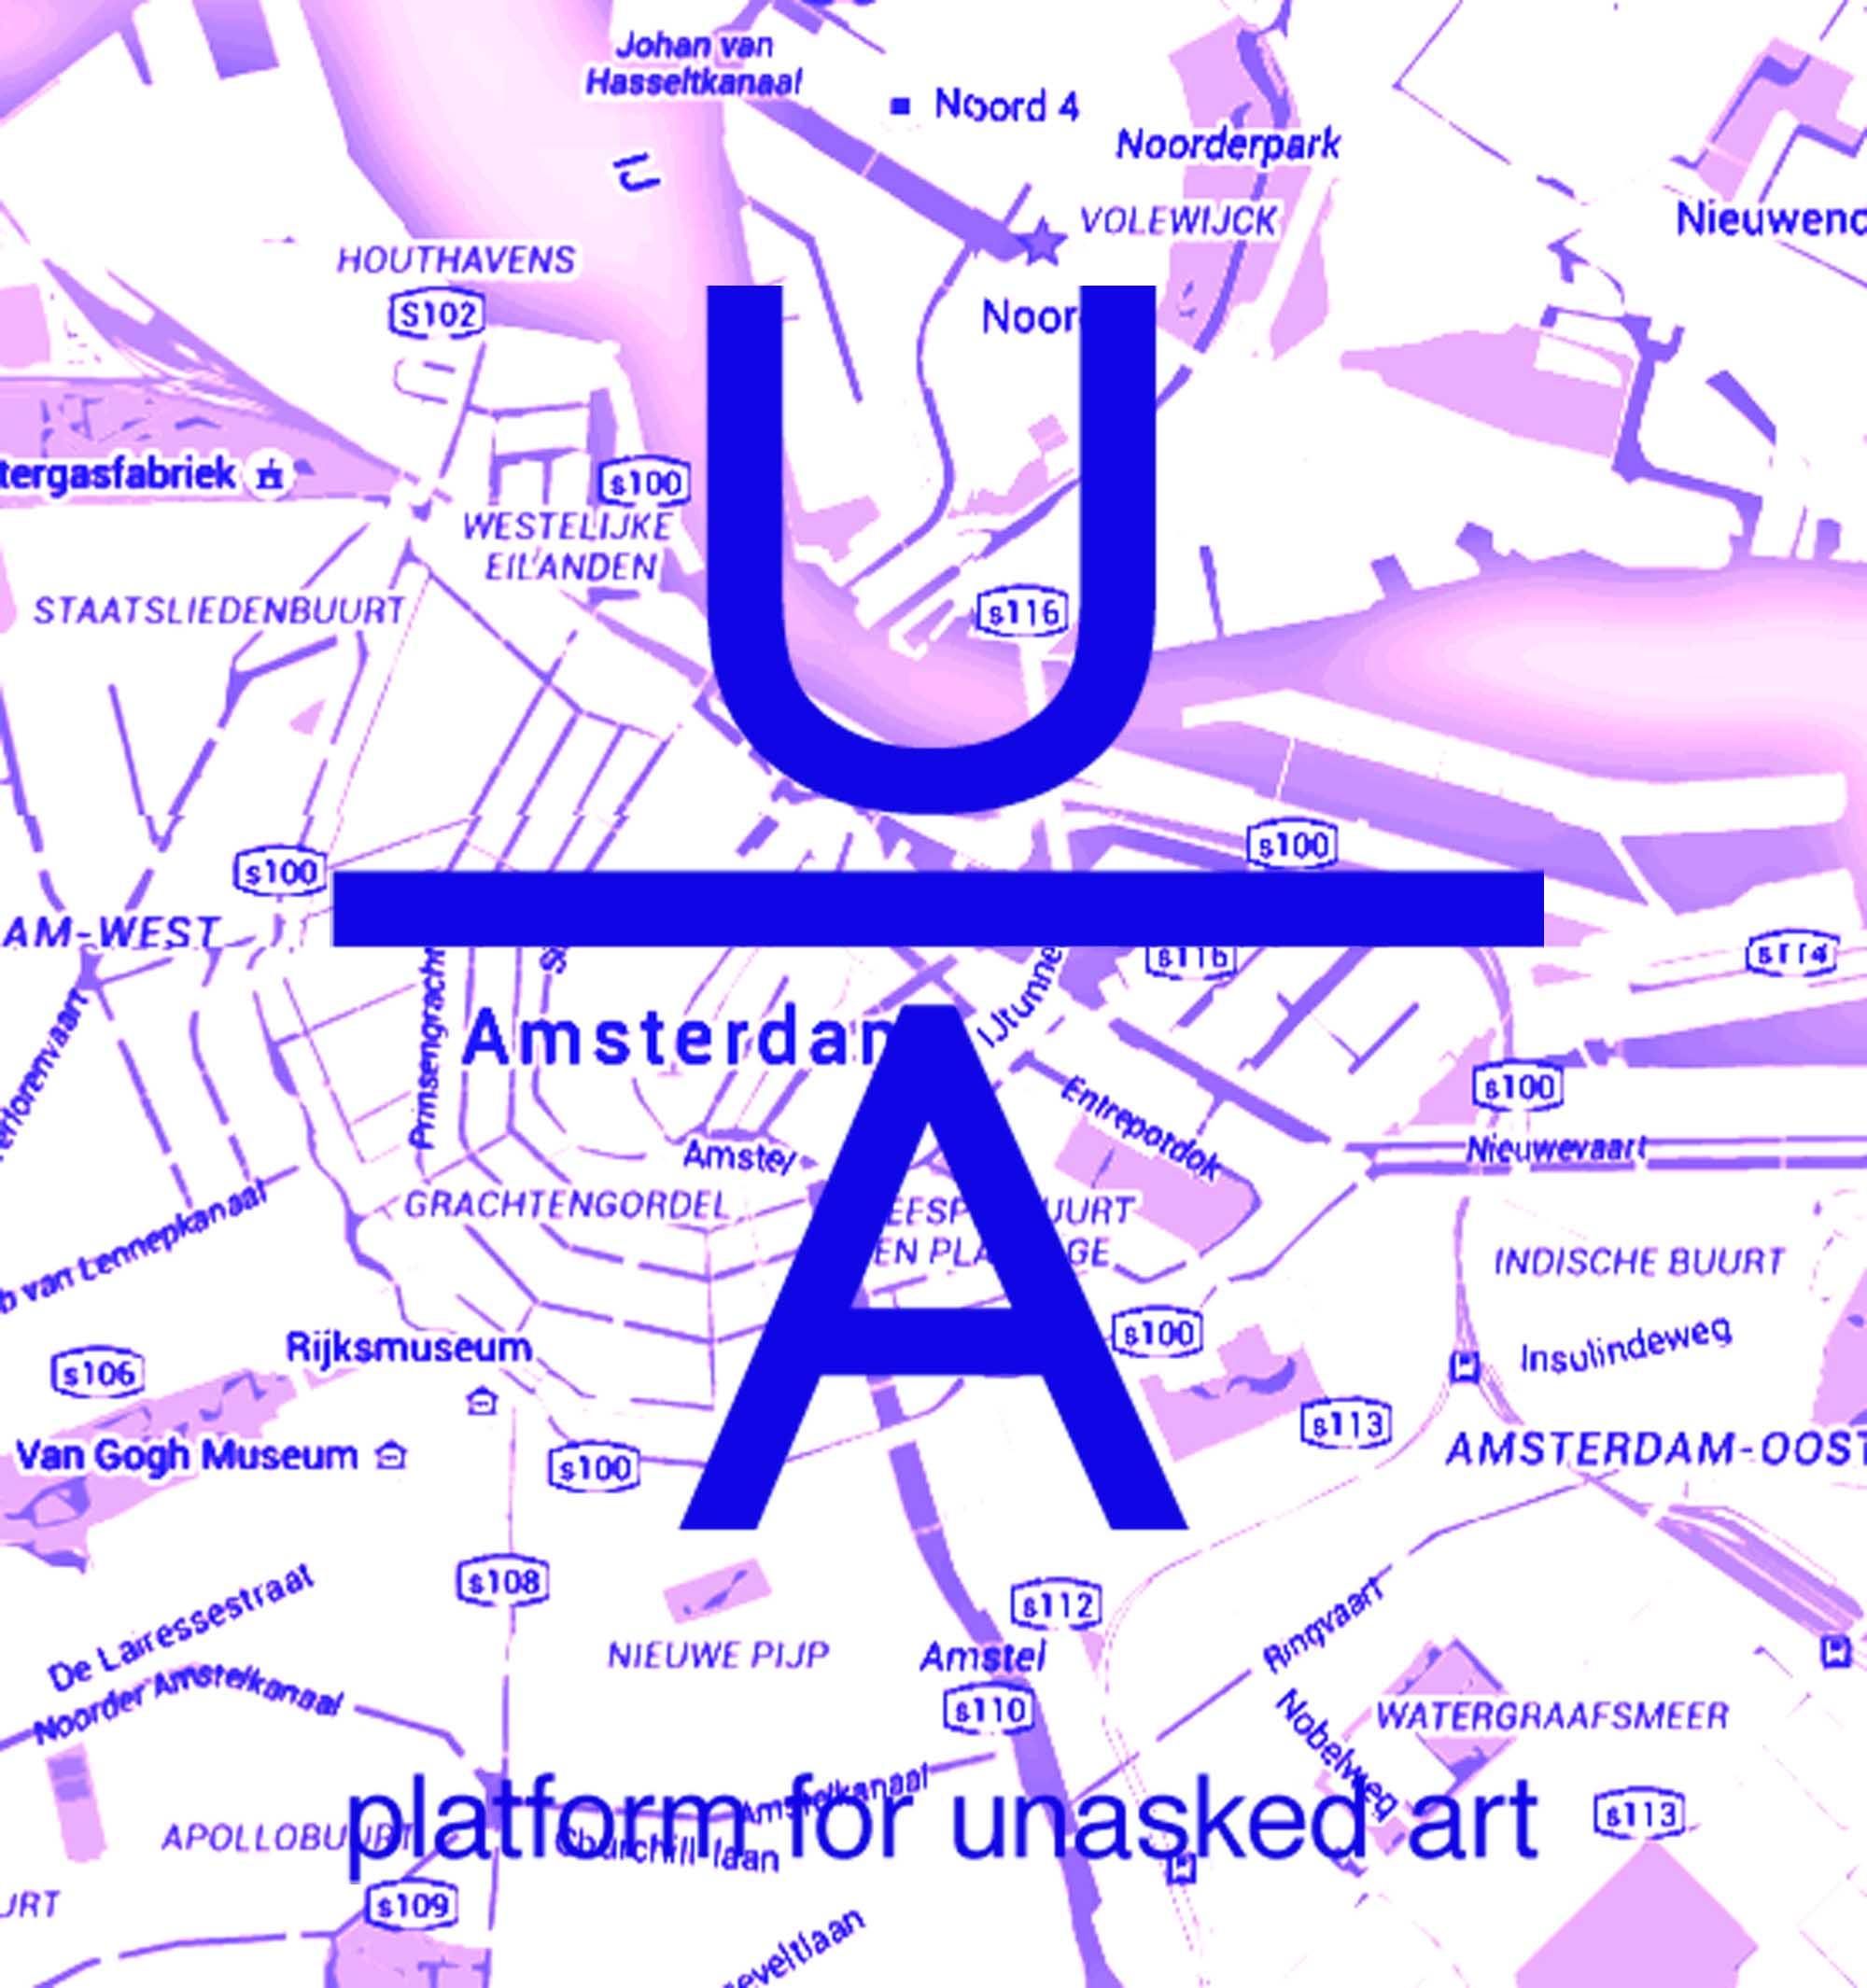 Platform Voor Ongevraagde Kunst